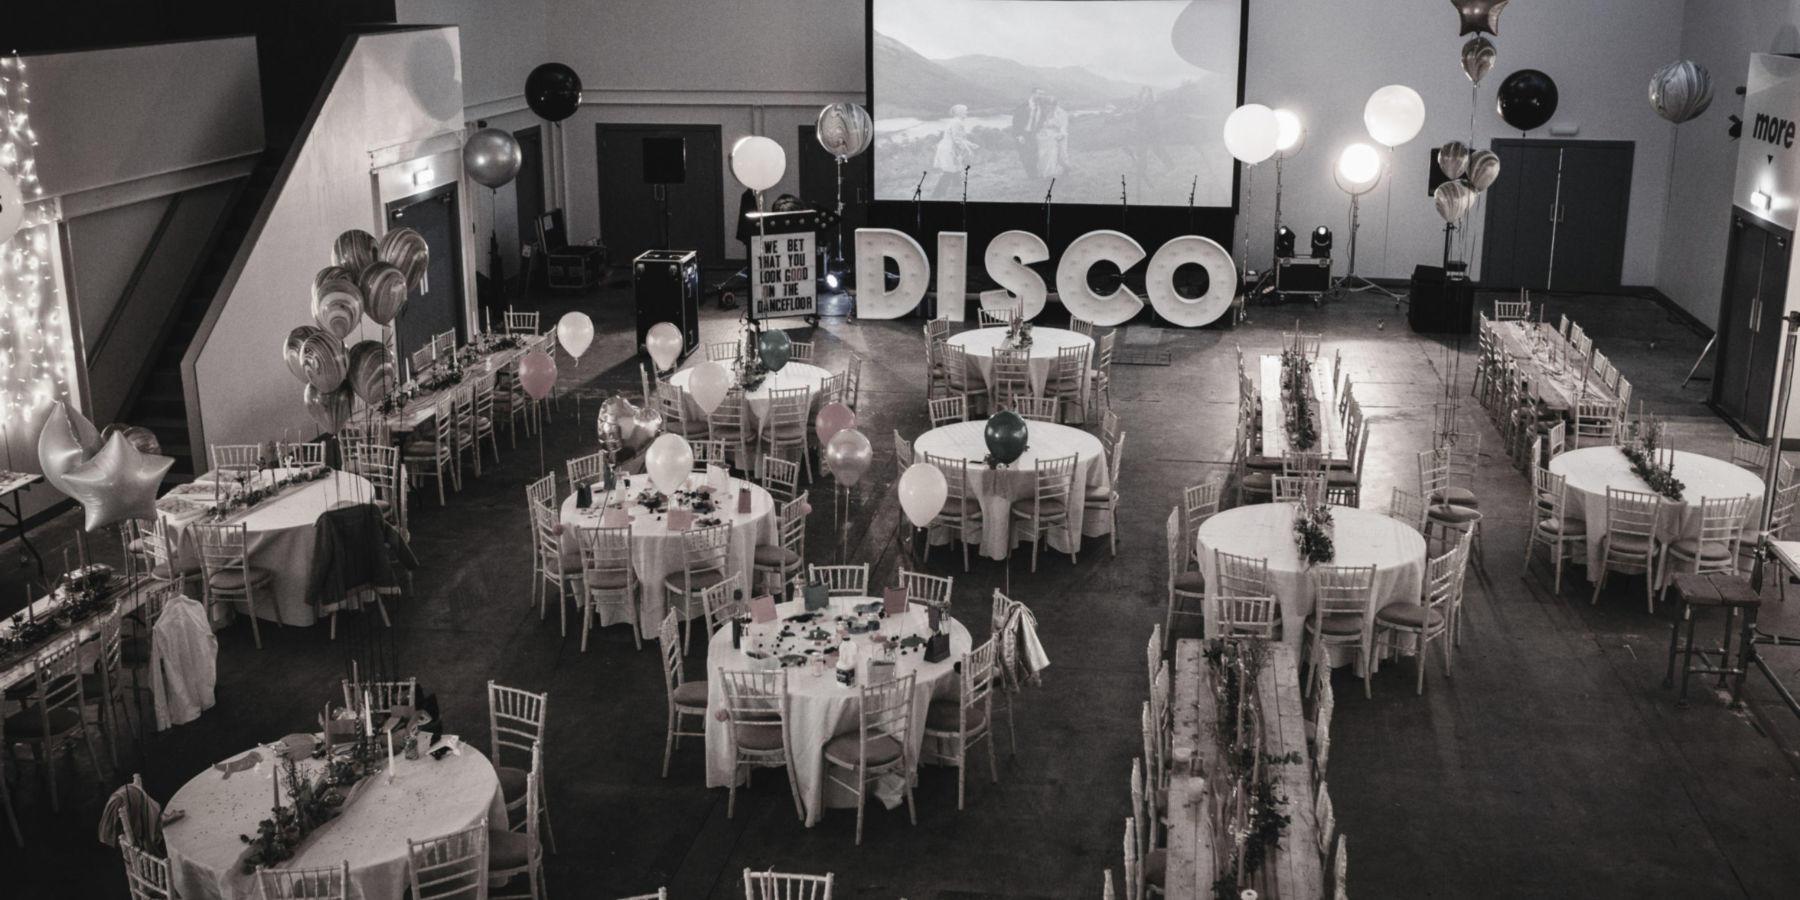 wedding reception venue in Liverpool